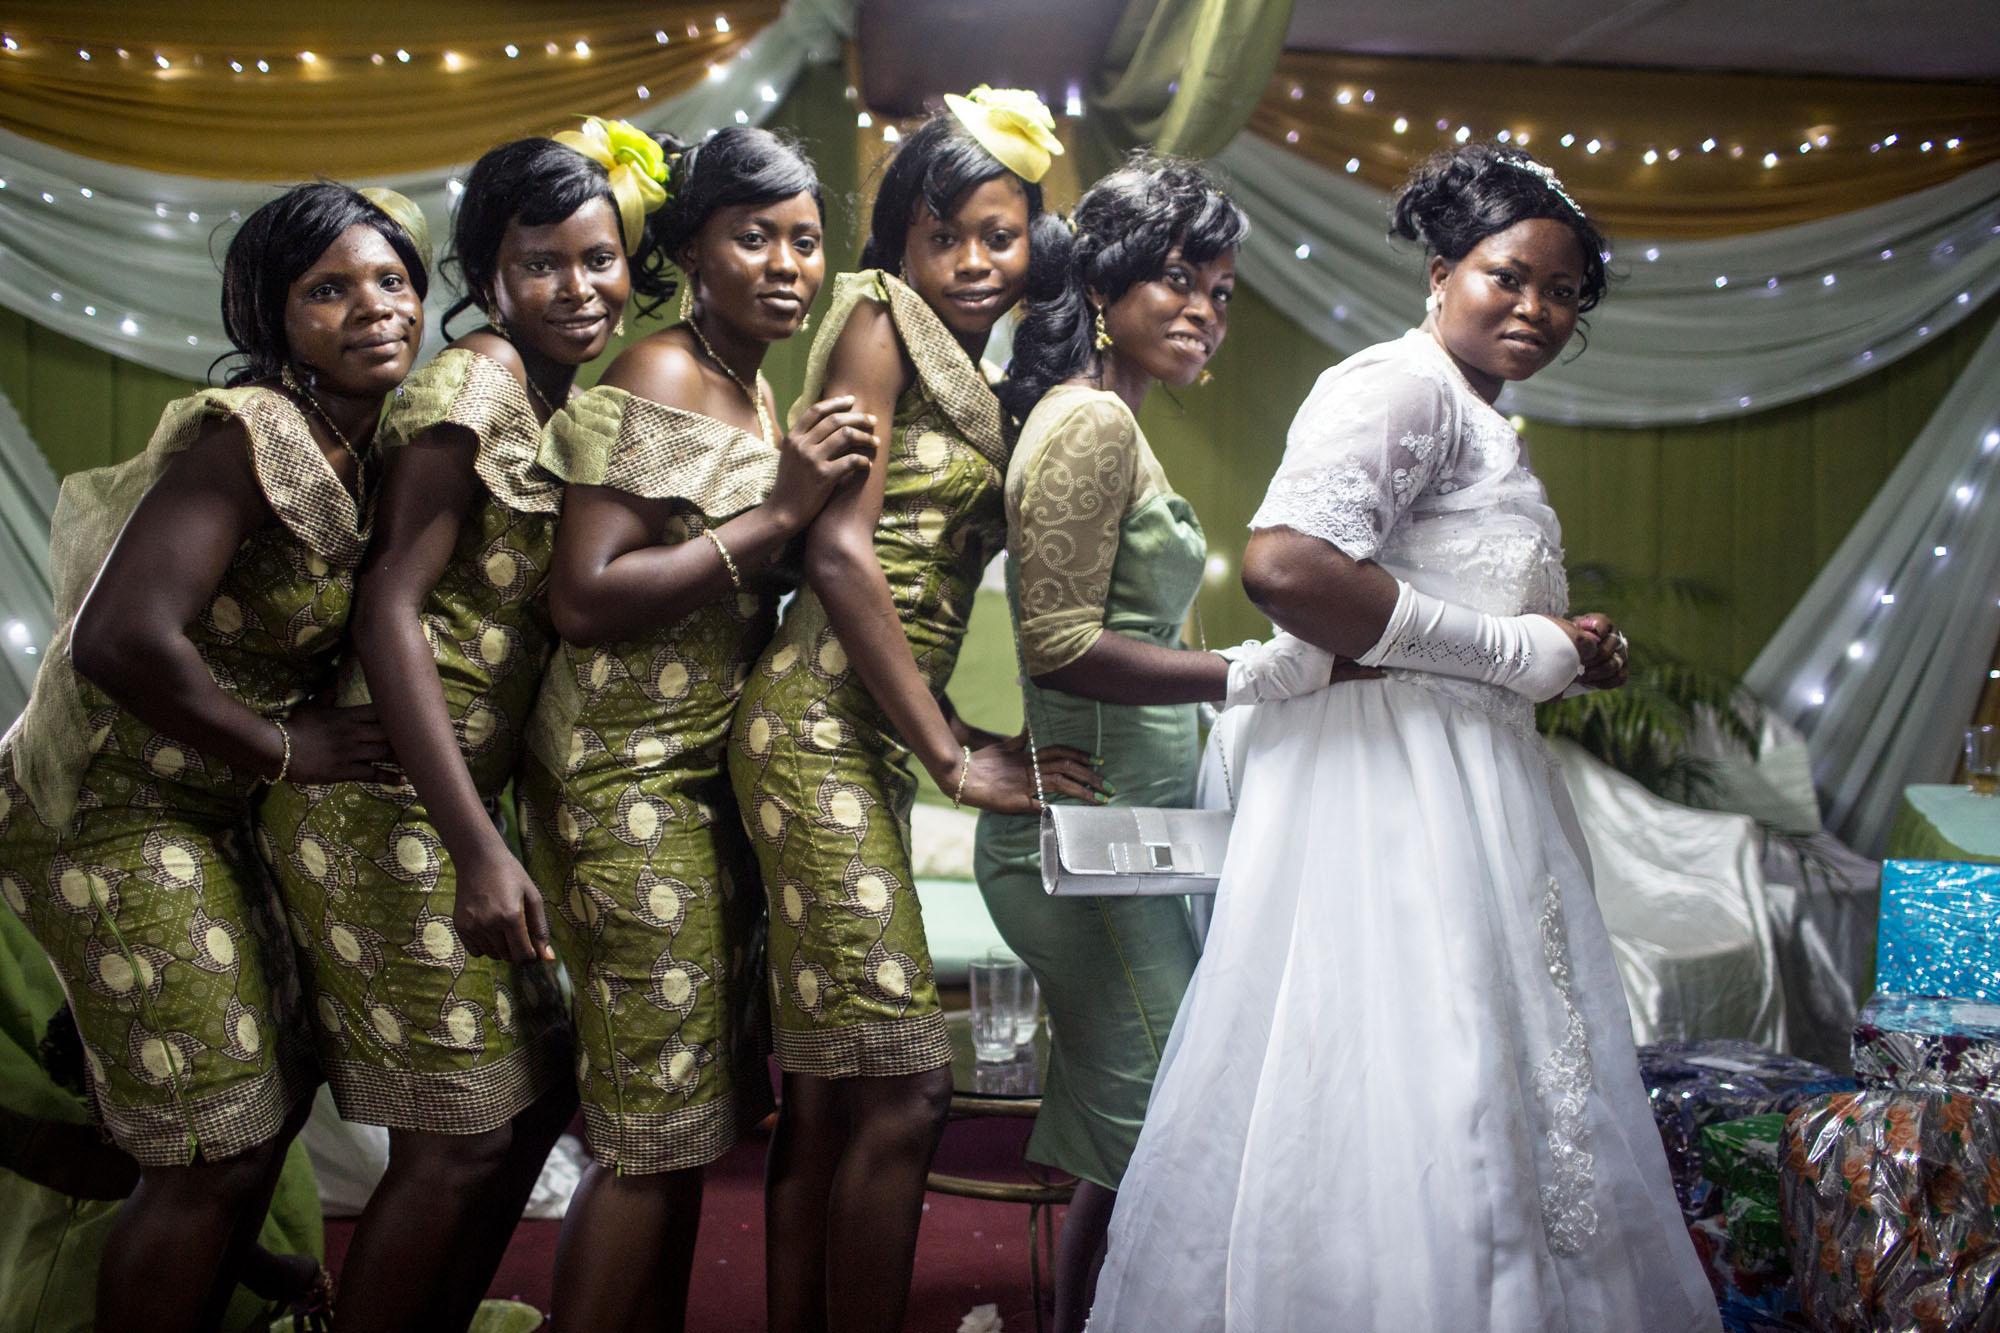 bedrägerier på dejtingsajter från nigeria